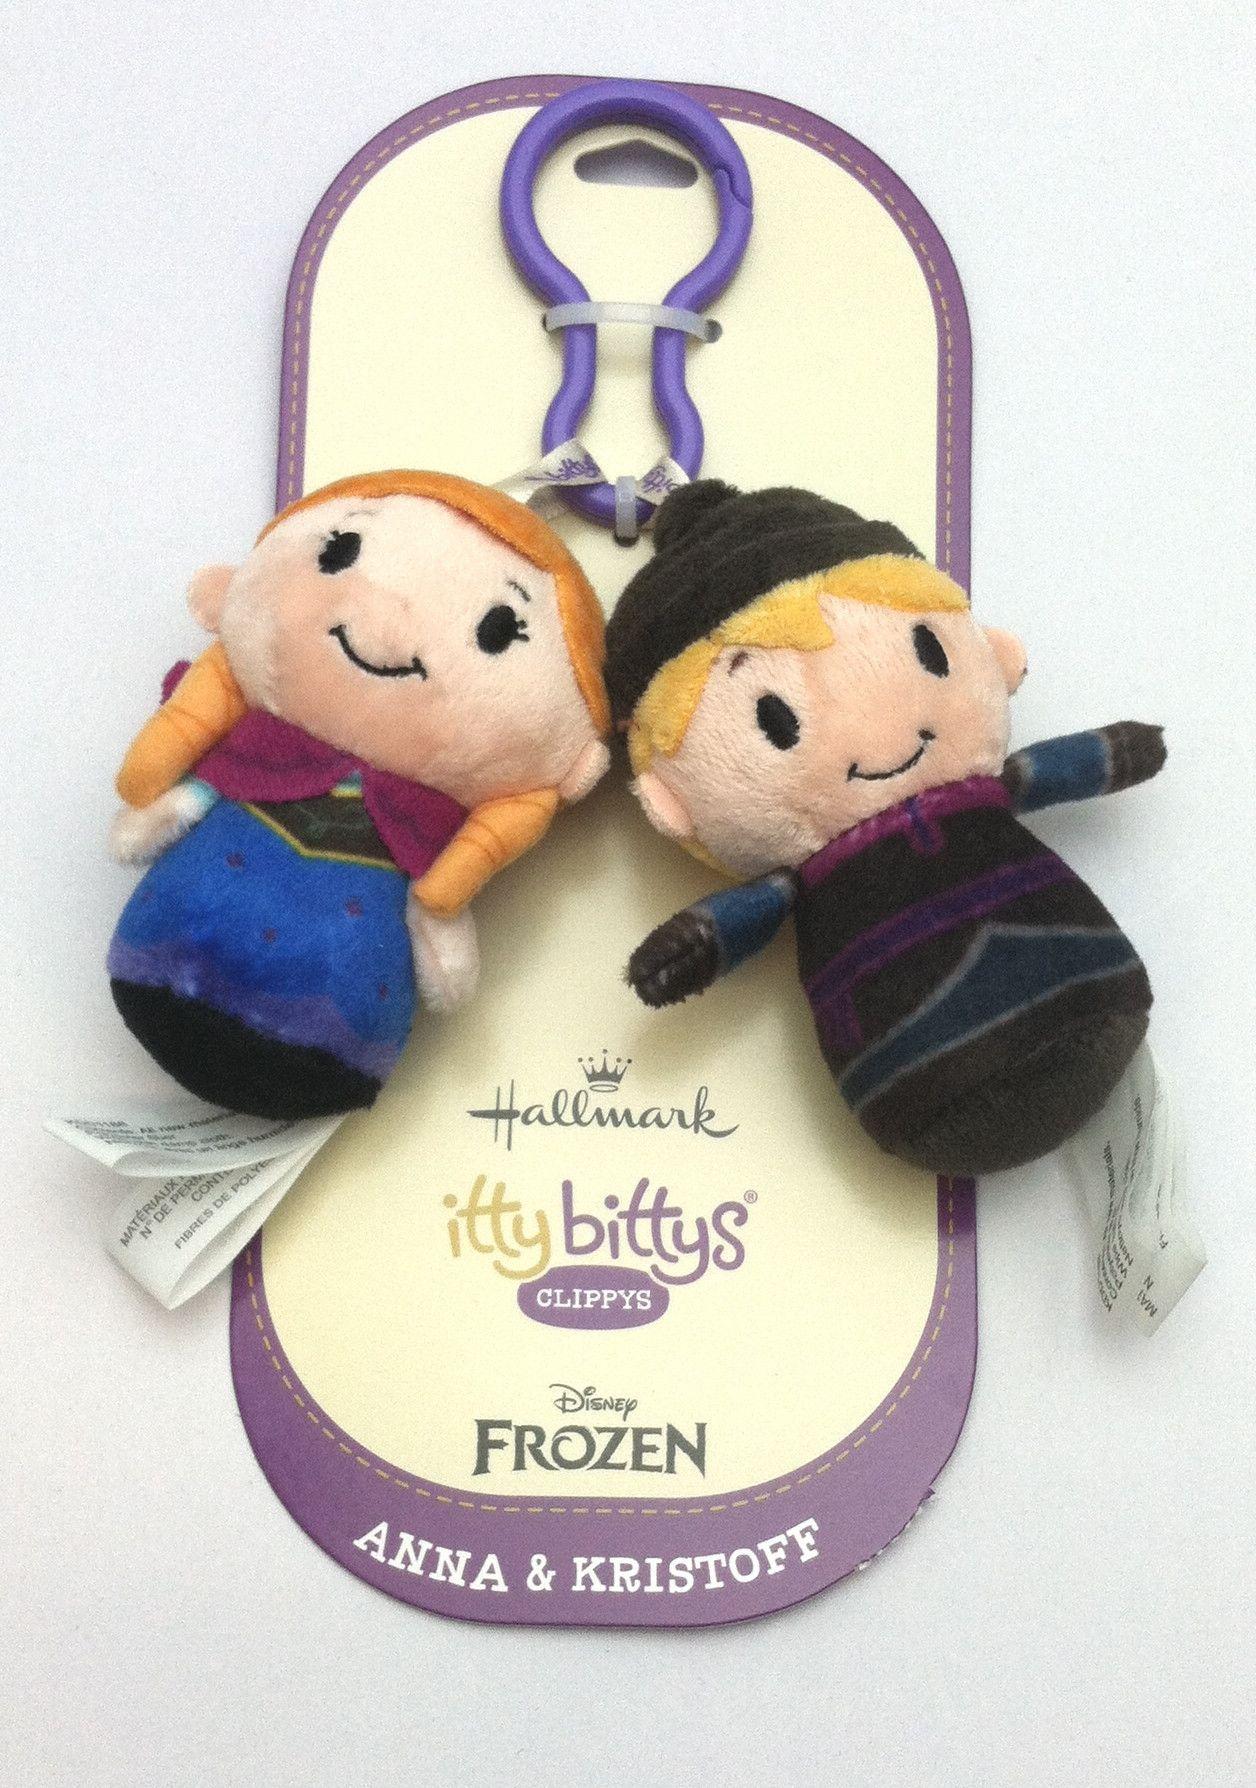 Hallmark Disney Frozen Anna Kristoff Itty Bitty Clippys Roby S Hallmark Frozen Anna And Kristoff Disney Frozen Frozen Disney Anna